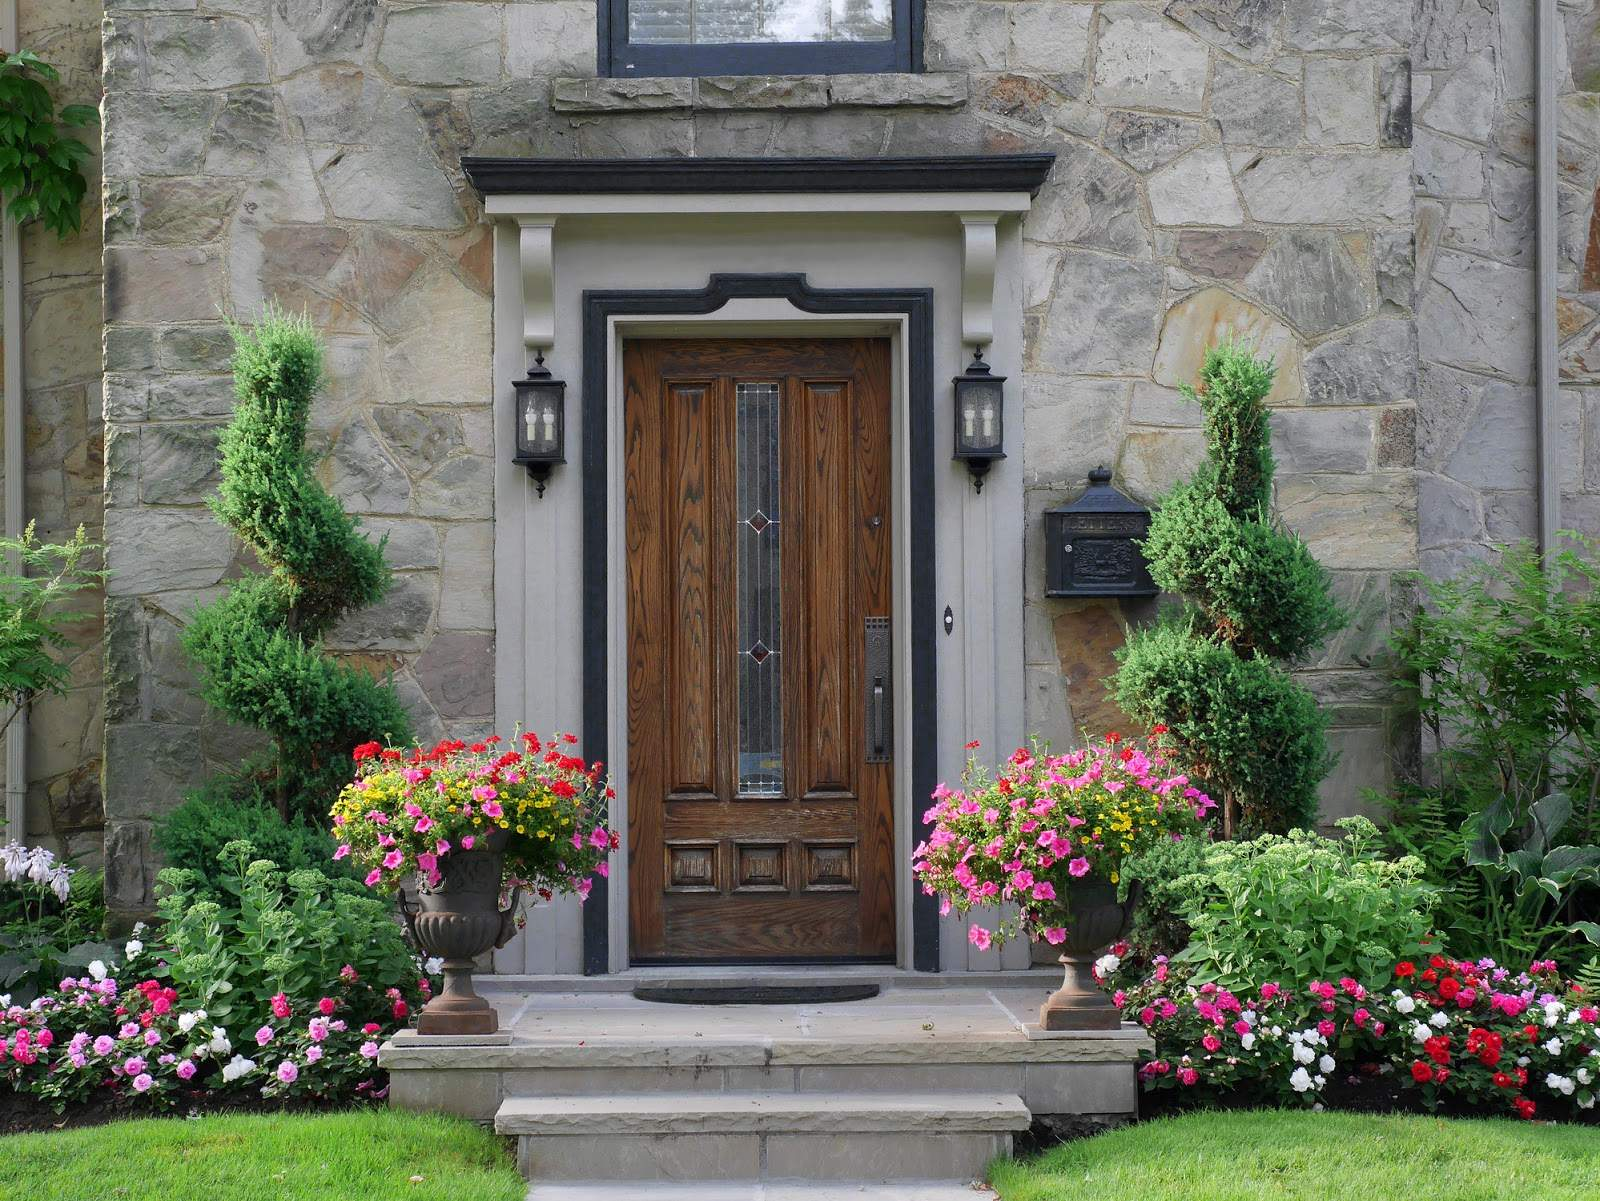 Vyberáte vchodové dvere do domu? Tieto 4 rady vám uľahčia výber